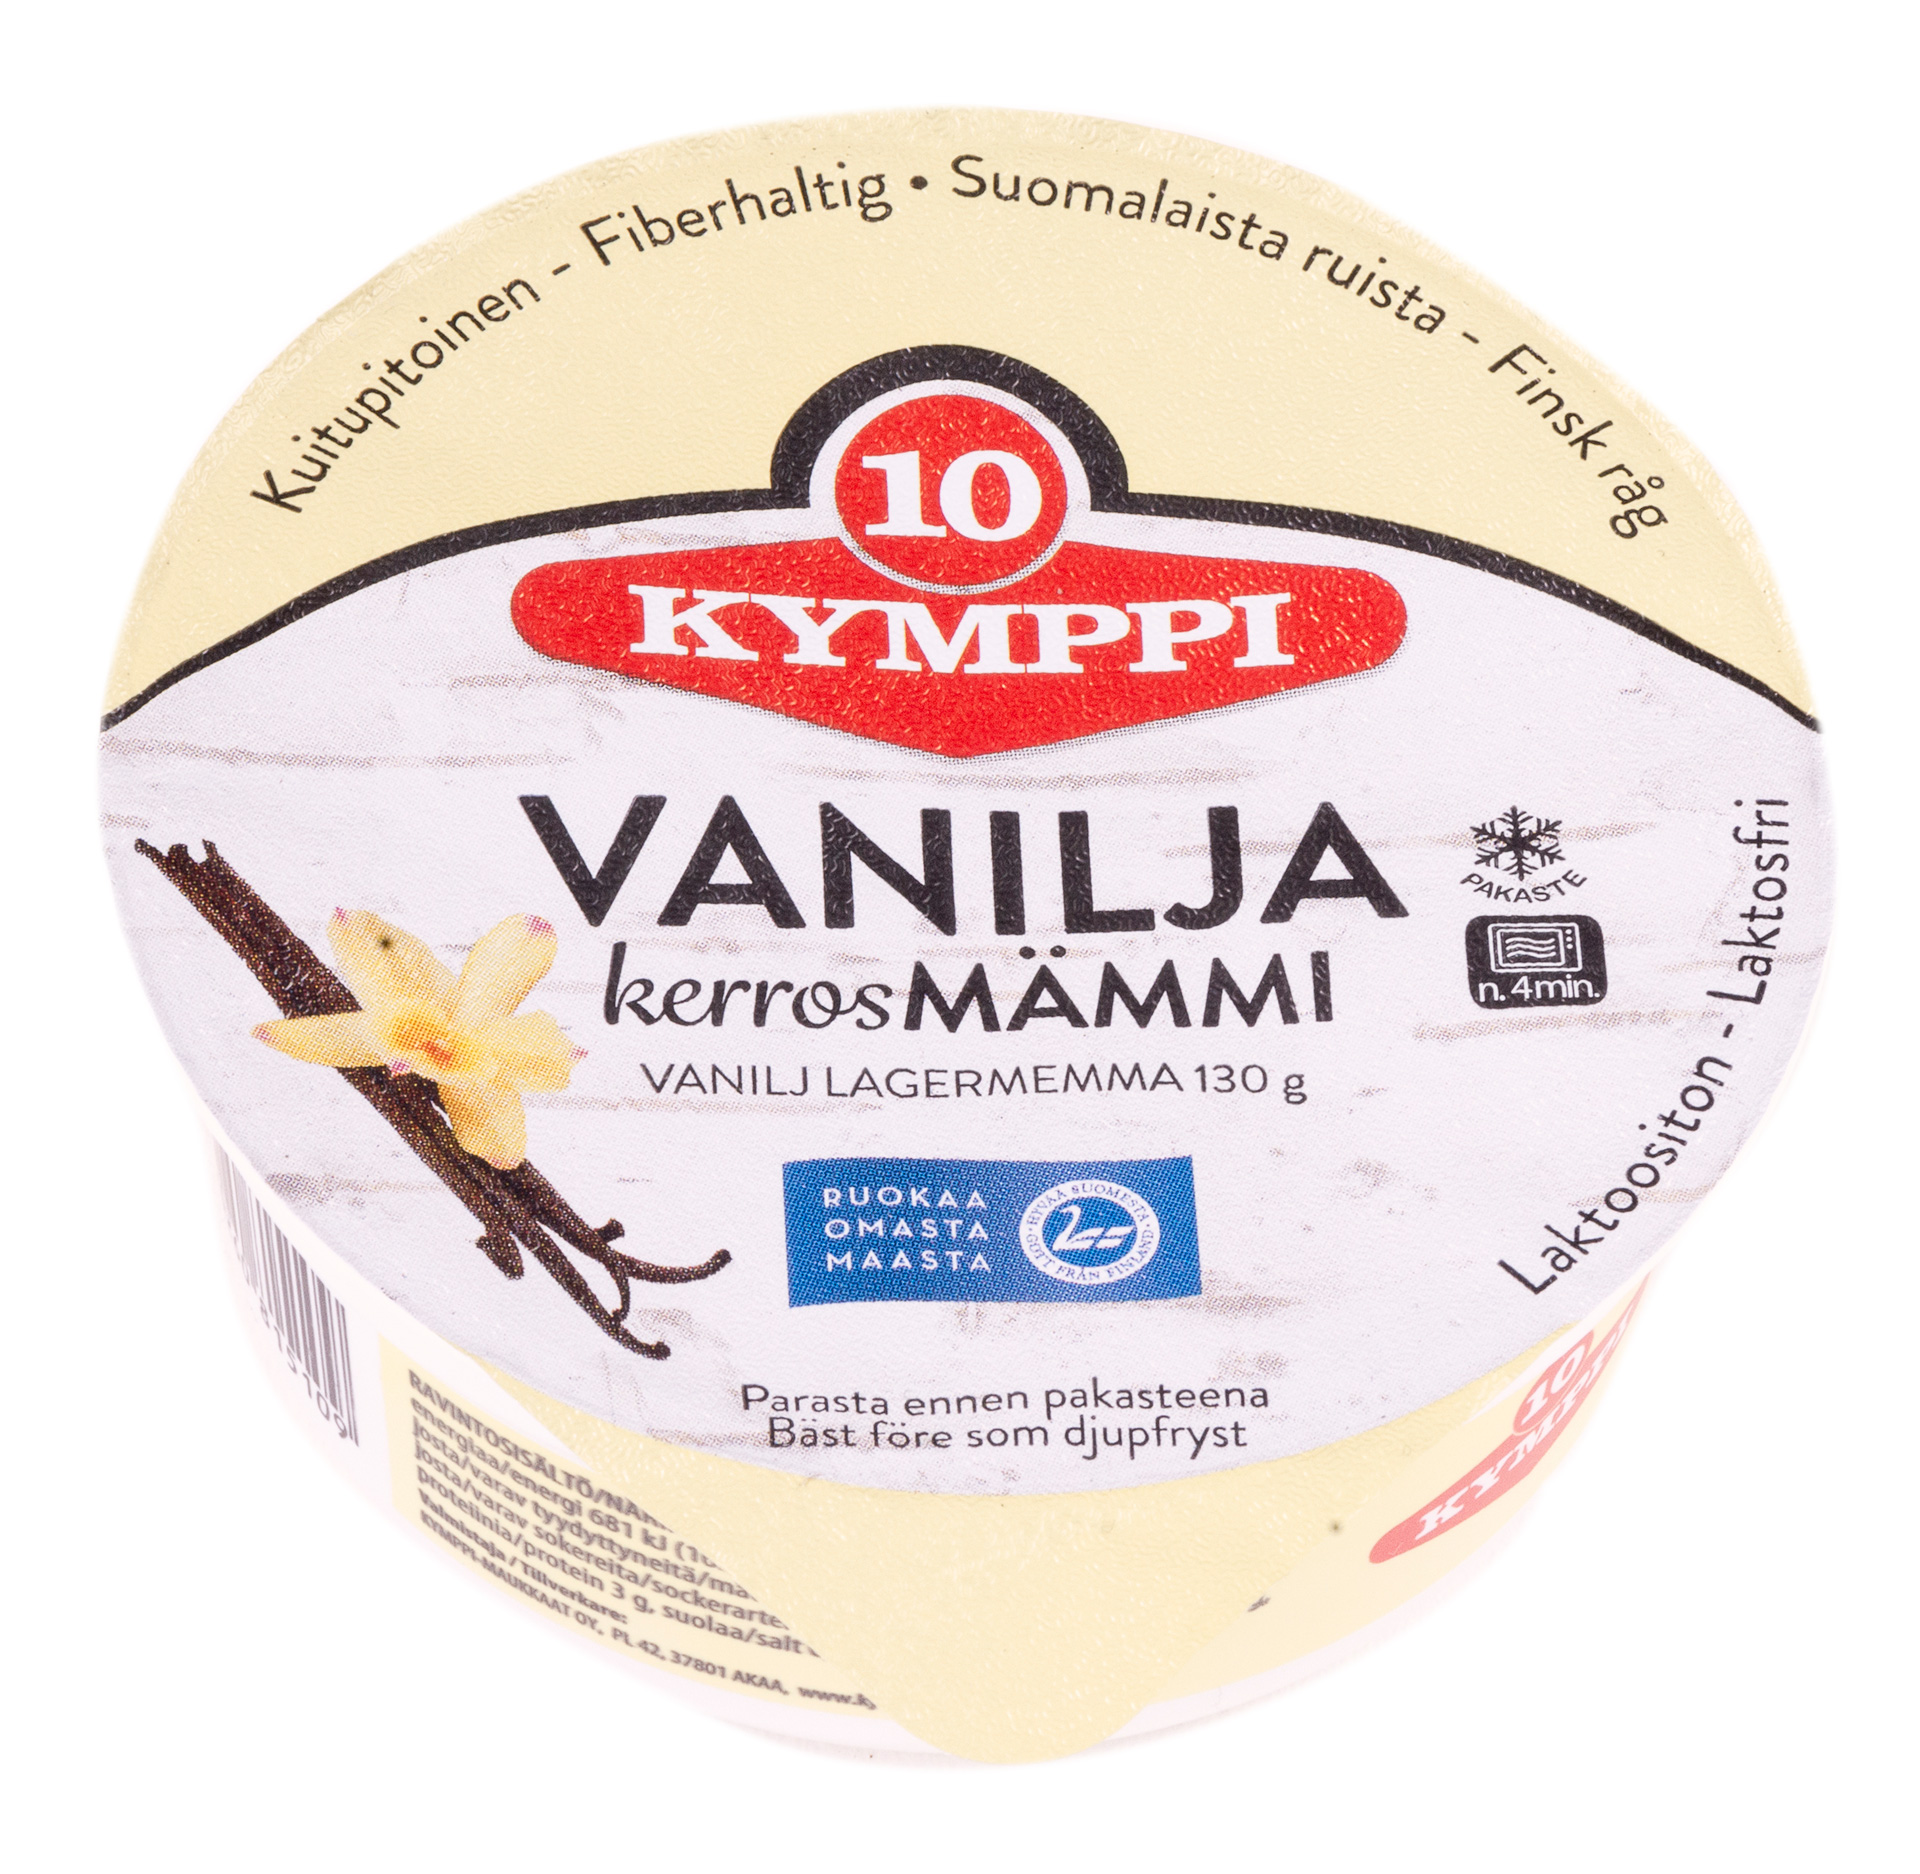 Kymppi Vanilja kerrosmämmi 130g